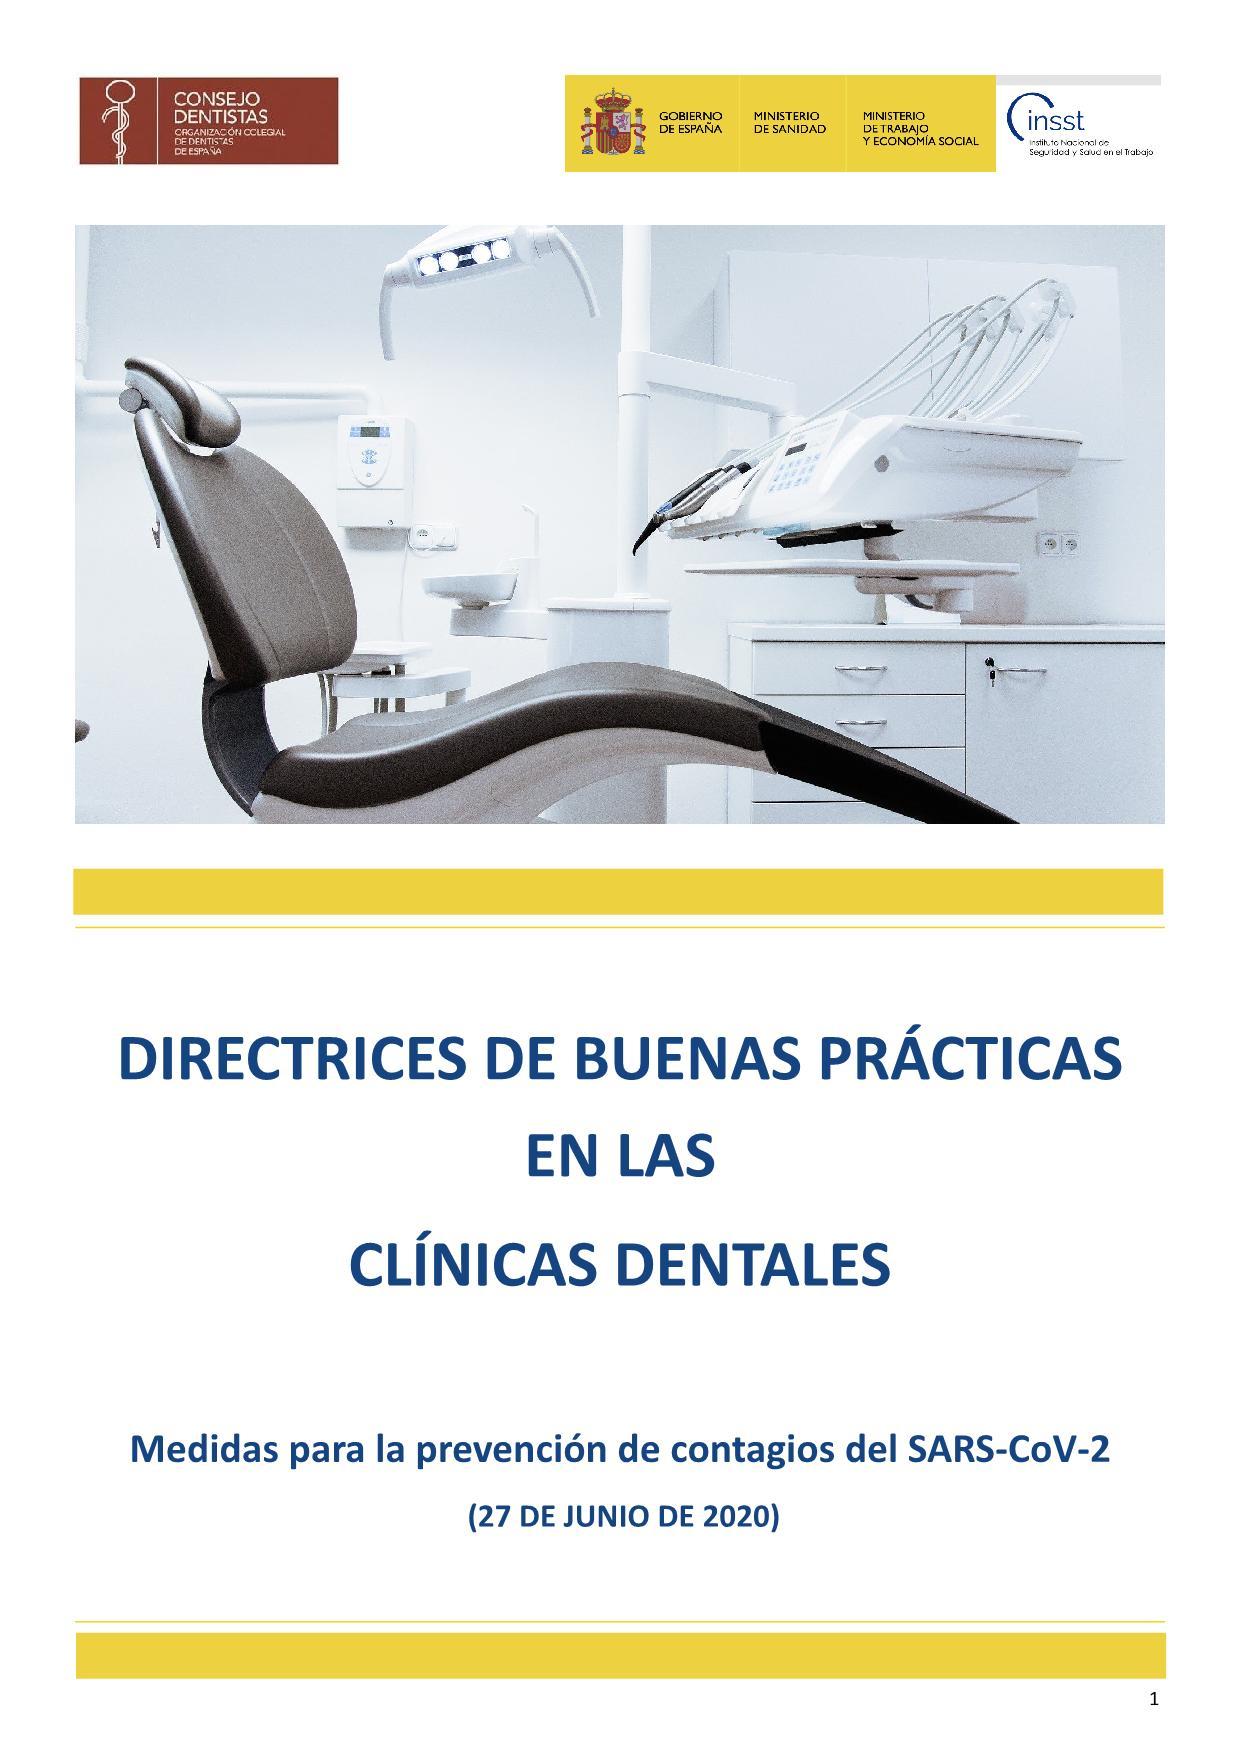 Directrices de buenas prácticas en las clínicas dentales_1